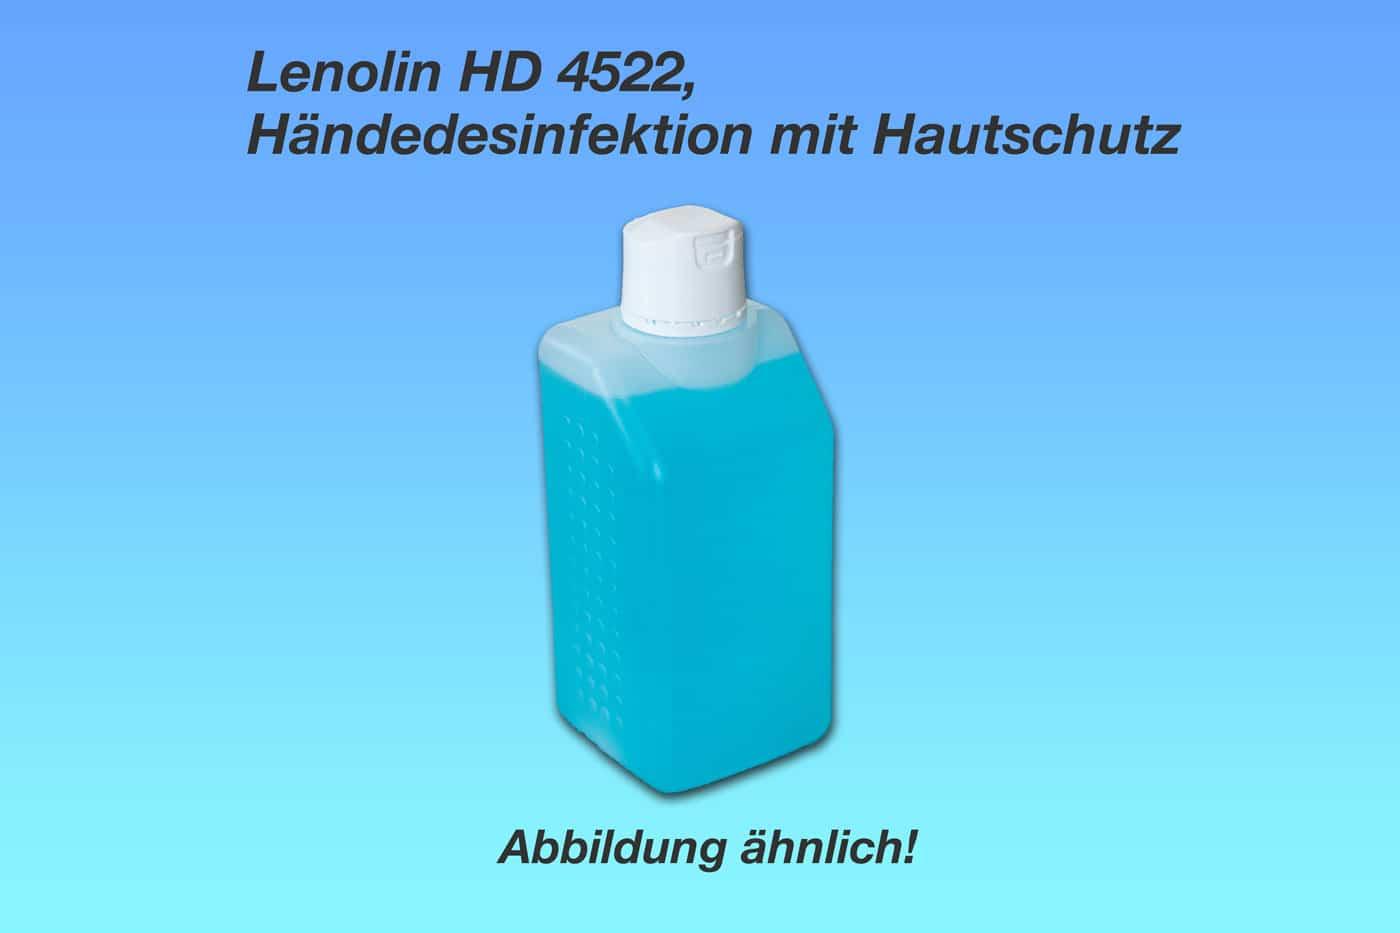 Lenolin HD 4522